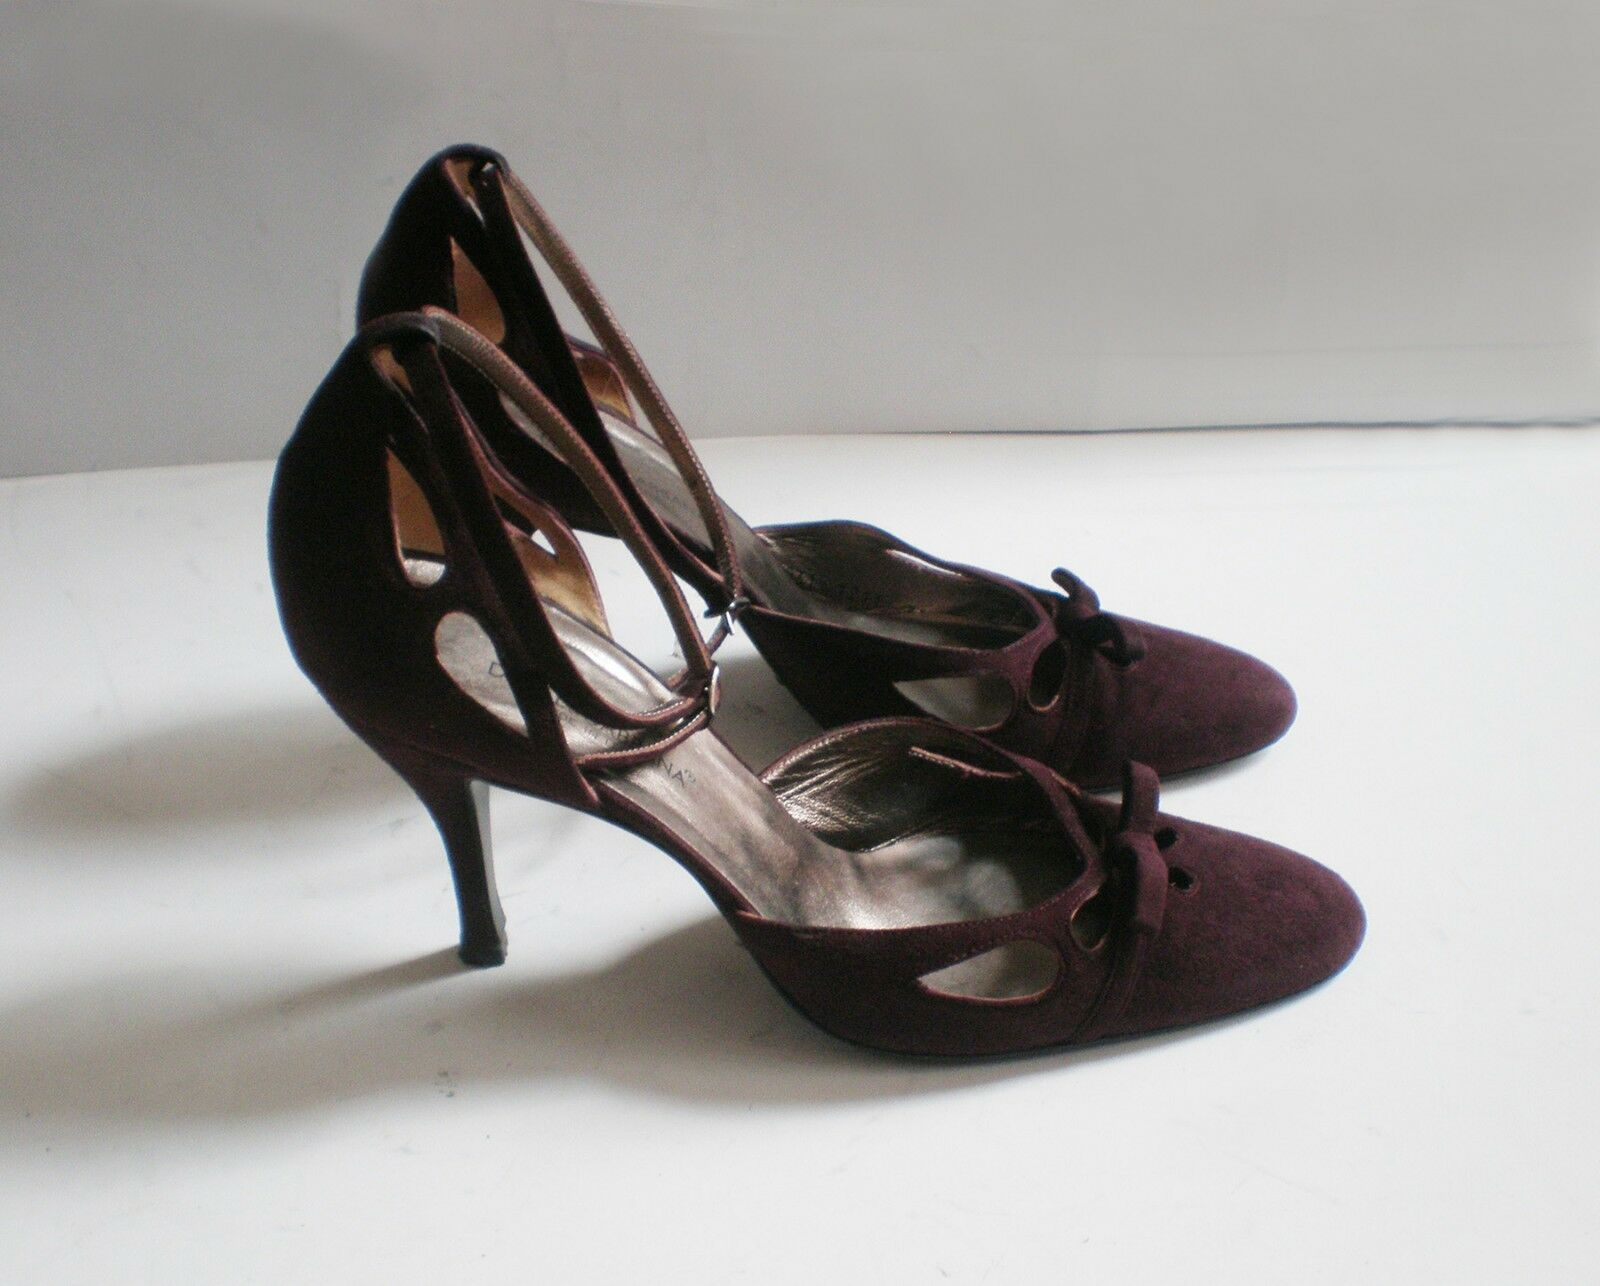 Dolce & Gabbana Schuhe, Wildleder, 100% Original, Größe 39,5  - UVP 370,-